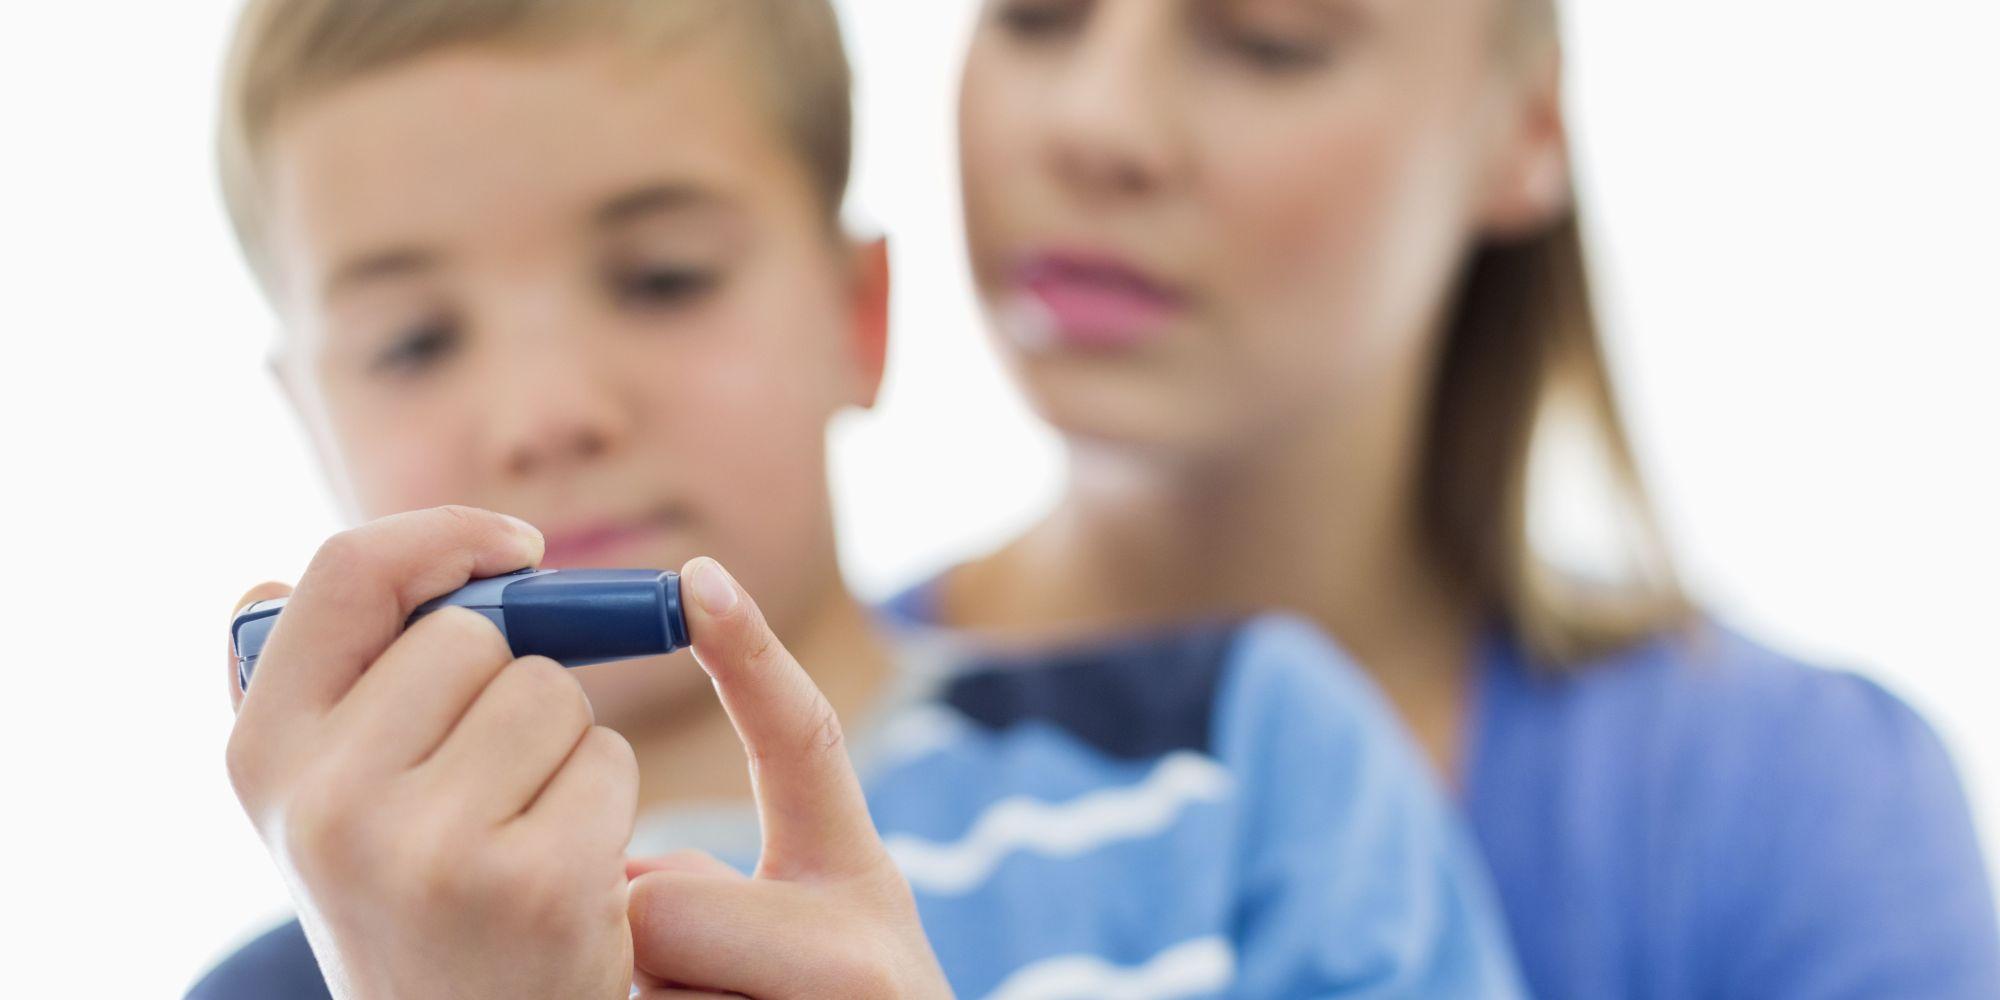 дети с сахарным диабетом